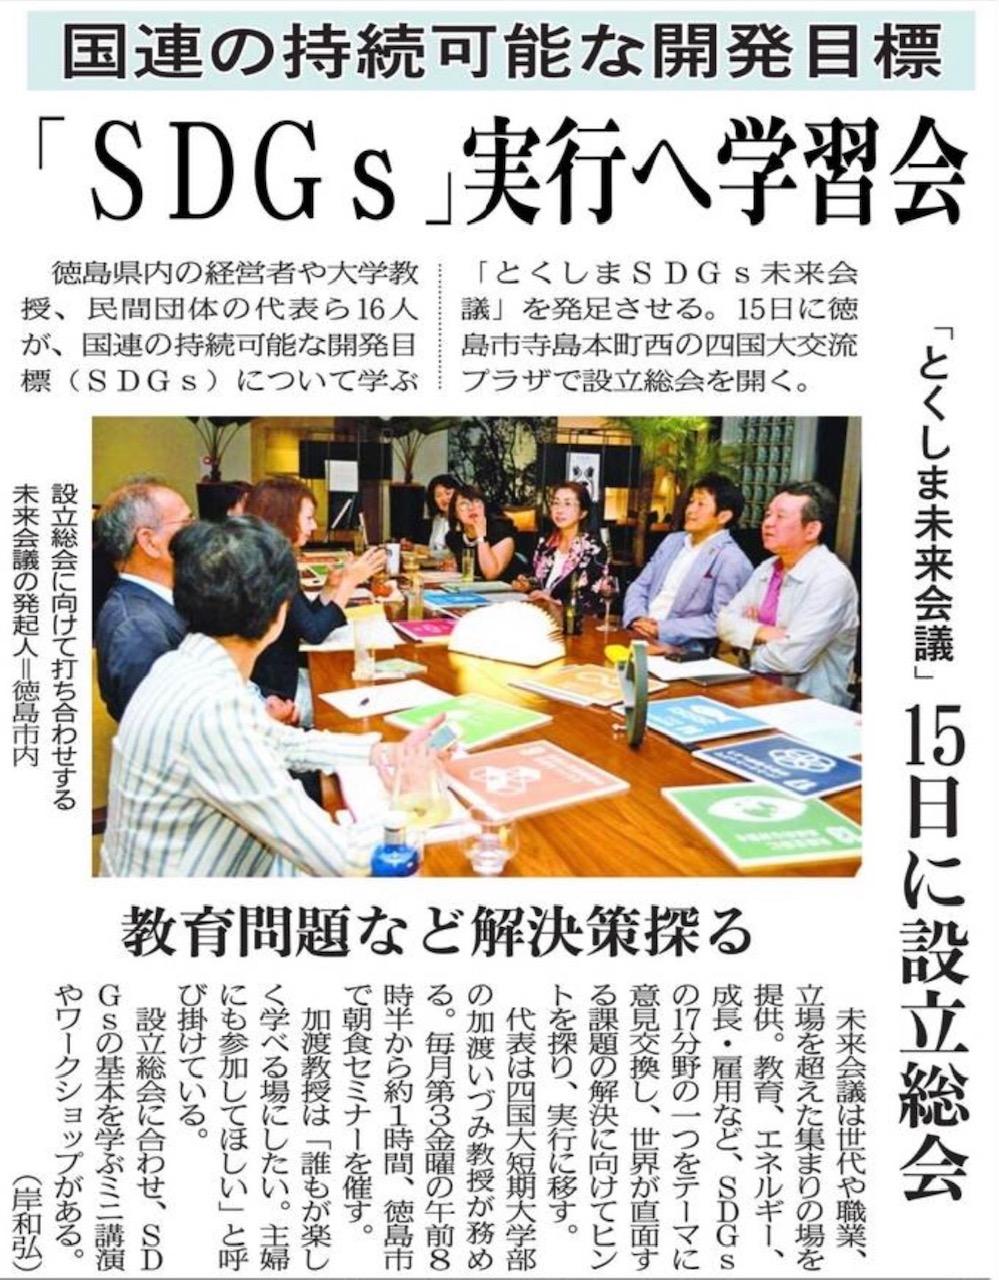 とくしまSDGs未来会議!